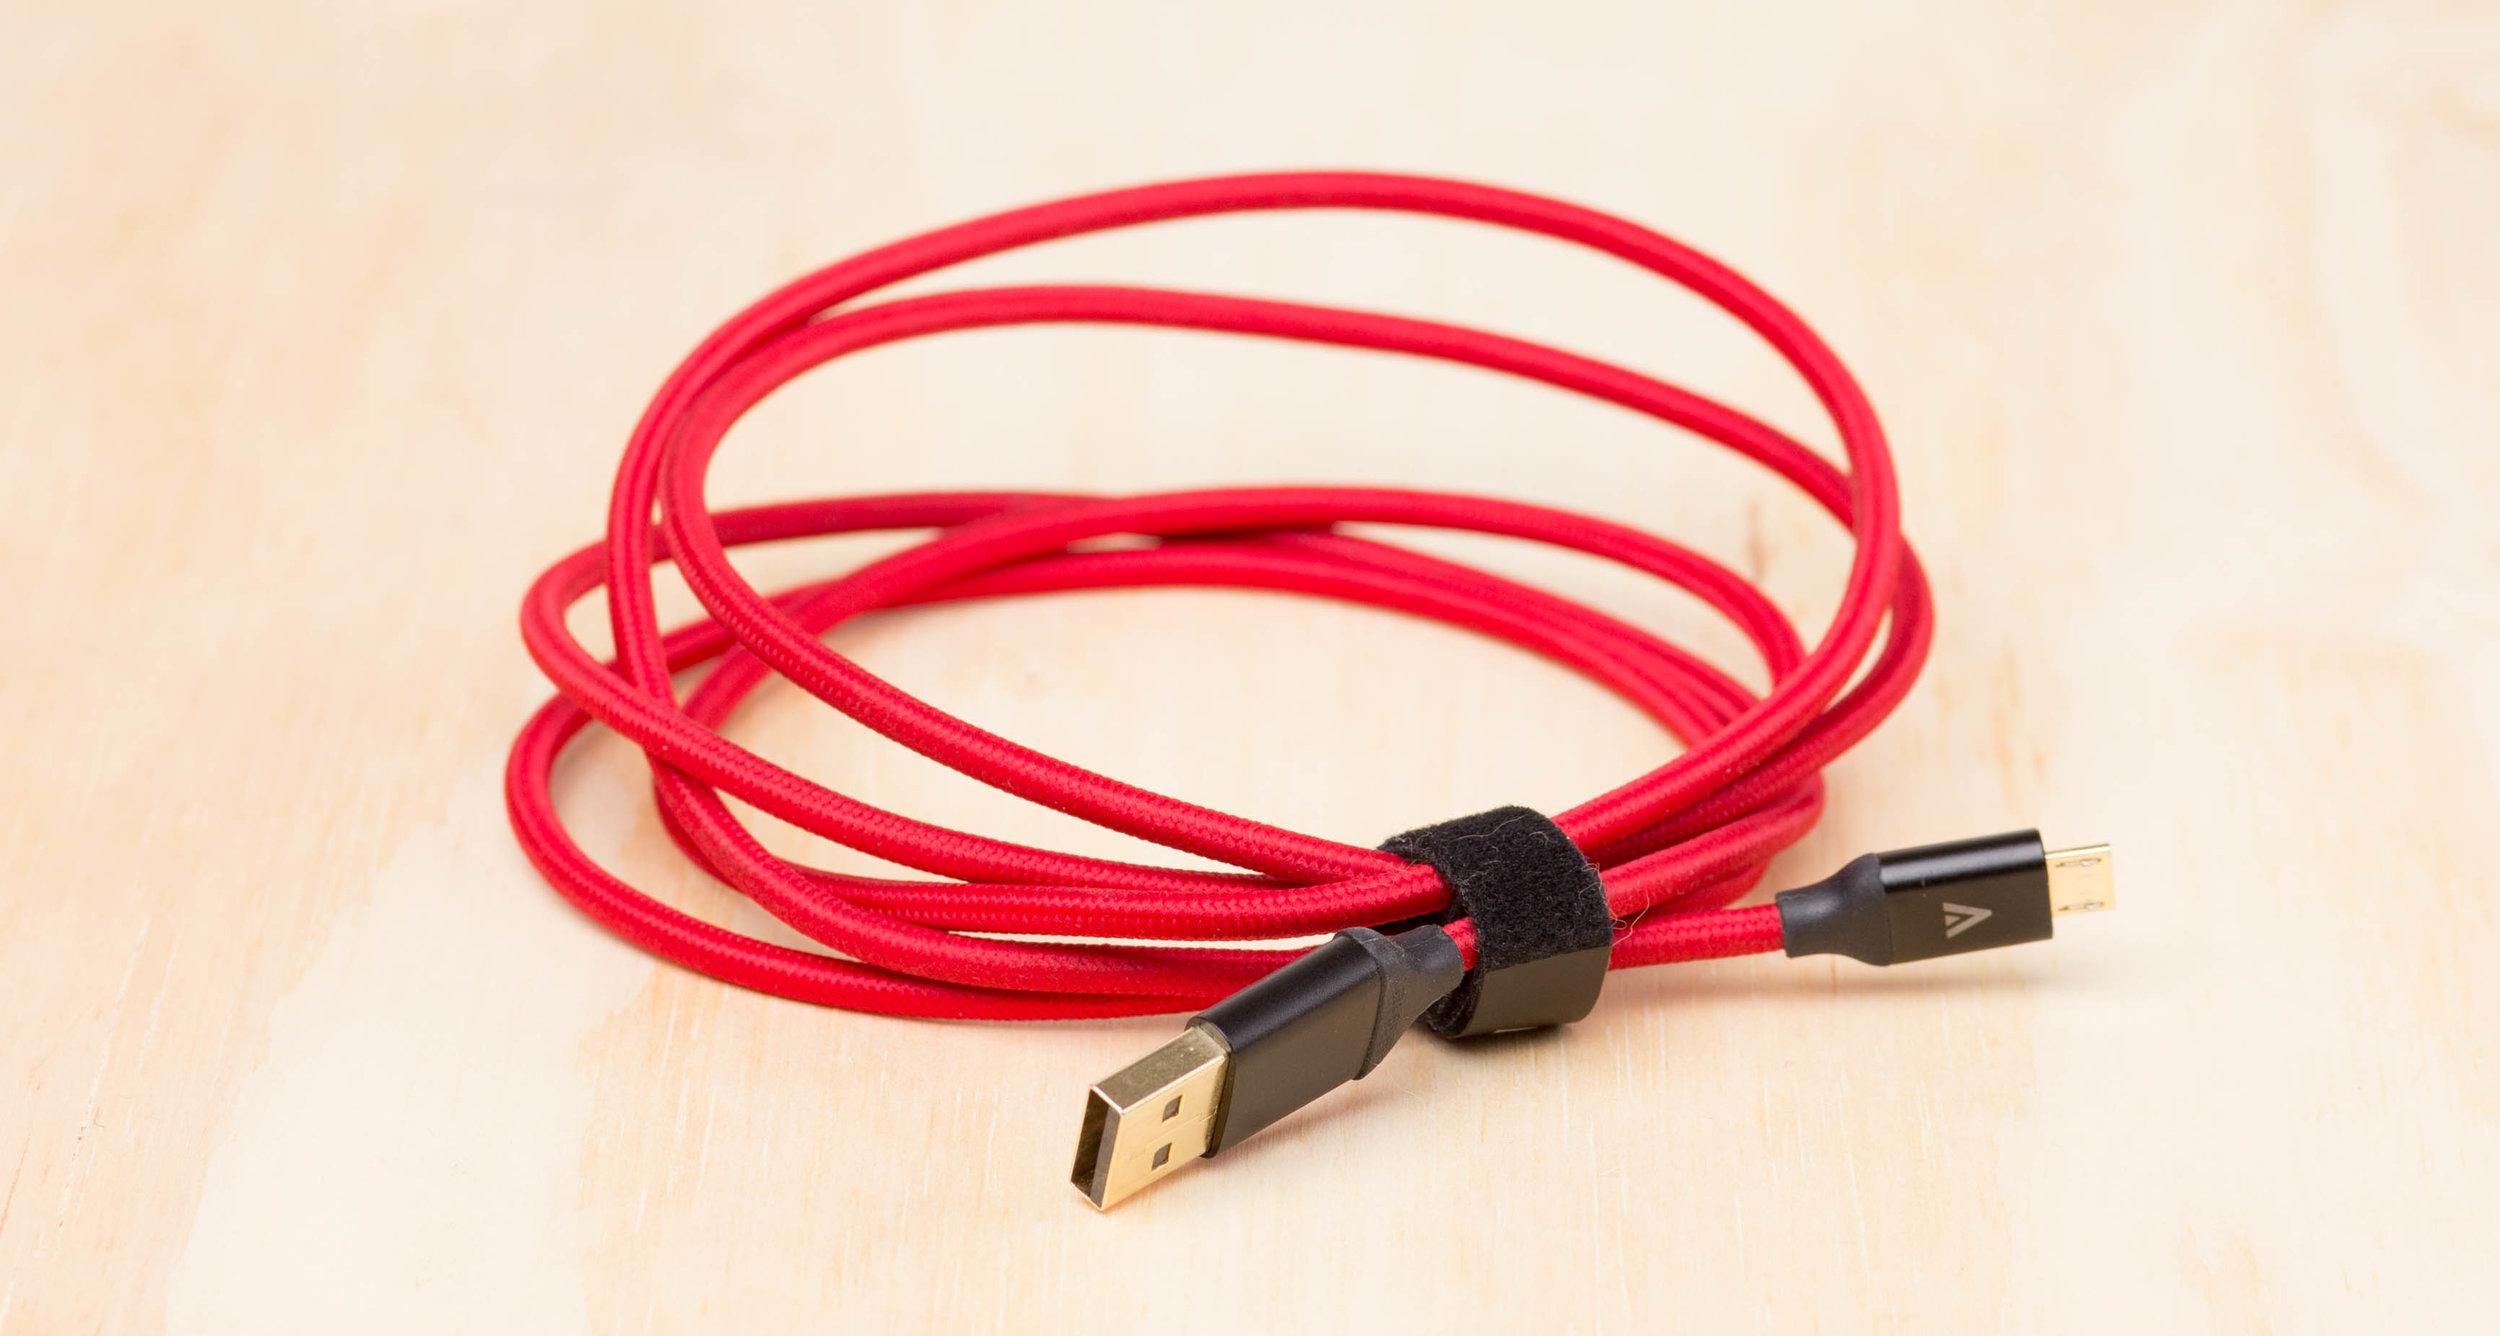 Bose SoundLink Color Bluetooth SpeakerIMG_9890-2.jpg